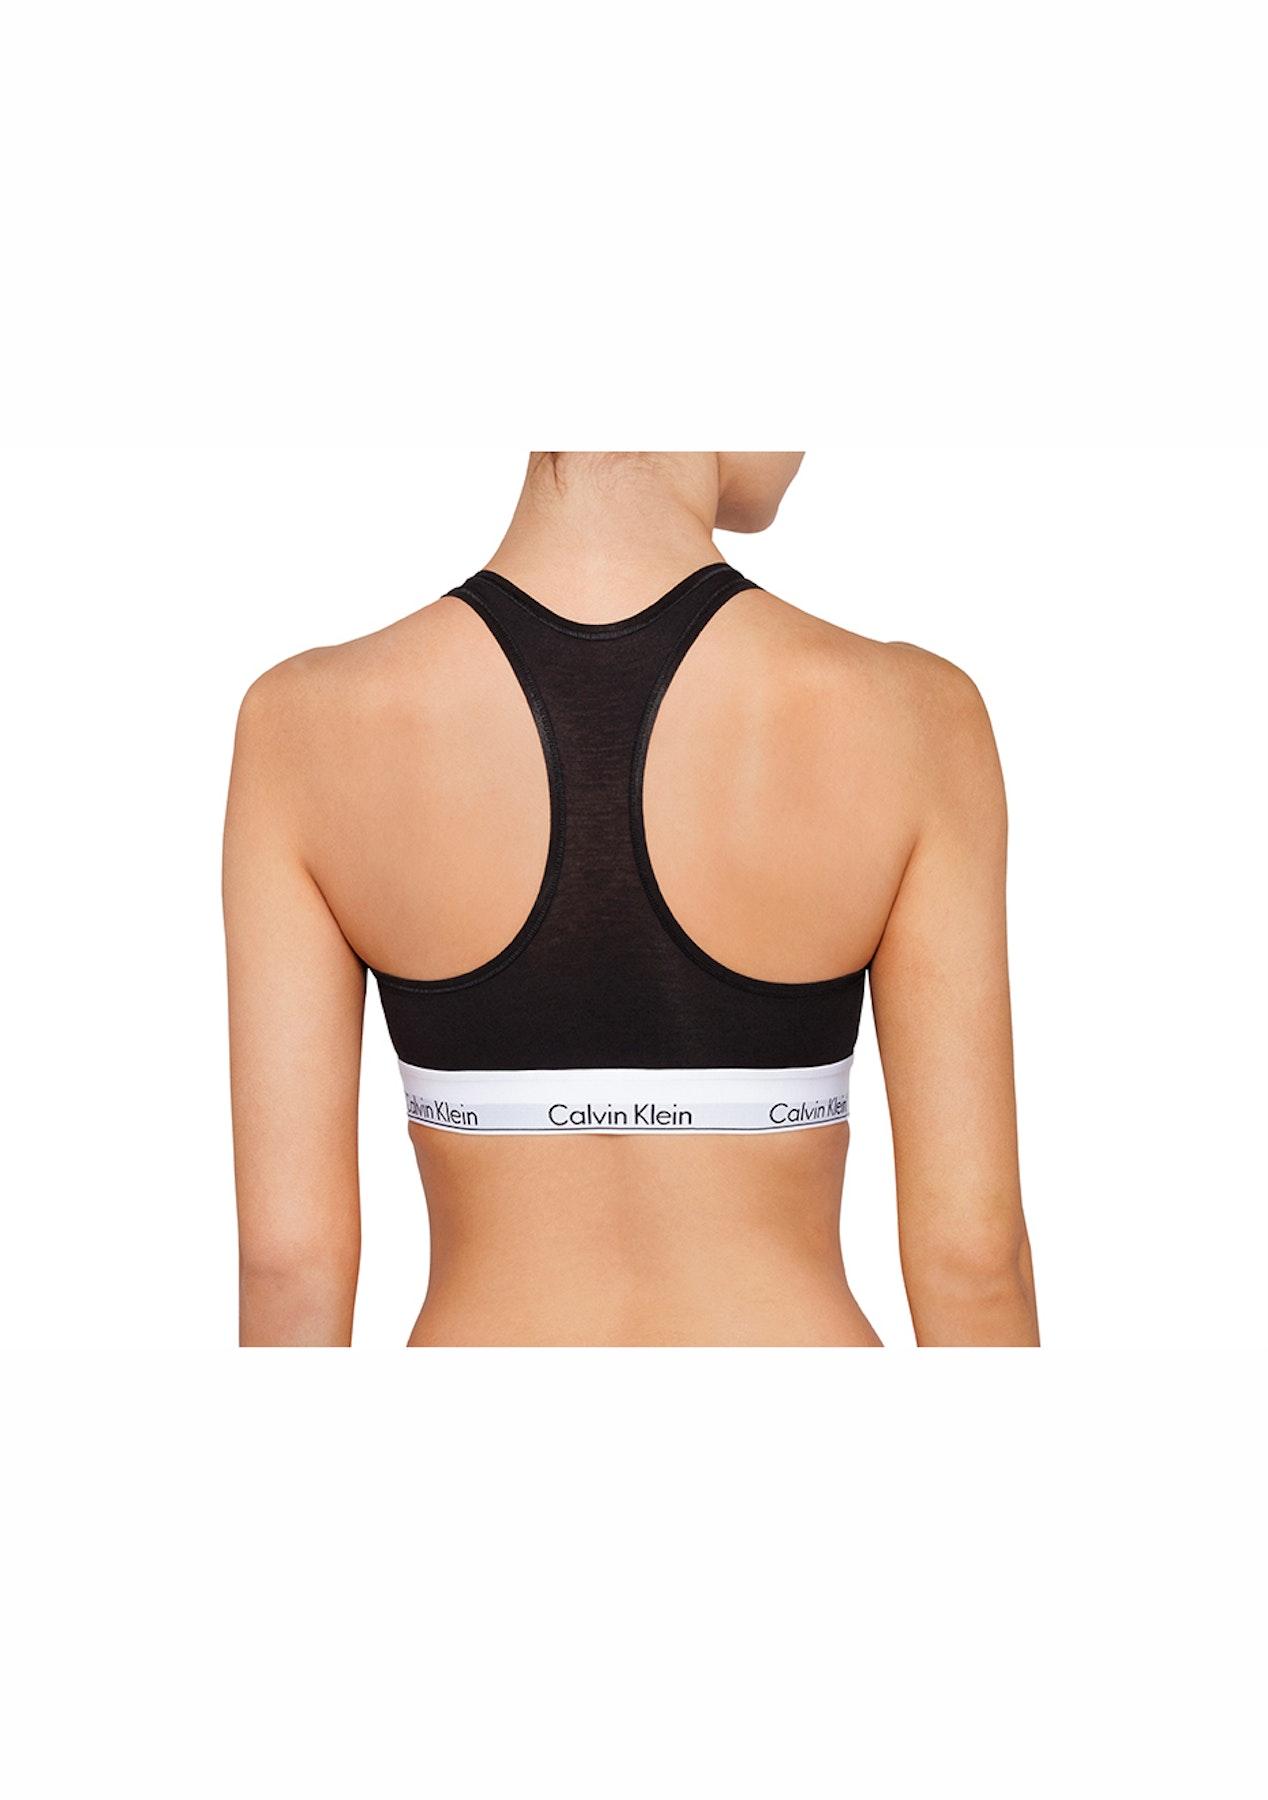 e08c988da6 Calvin Klein - Modern Cotton Bralette   Bikini Set - Black - CK MODERN  COTTON Sets! - Onceit